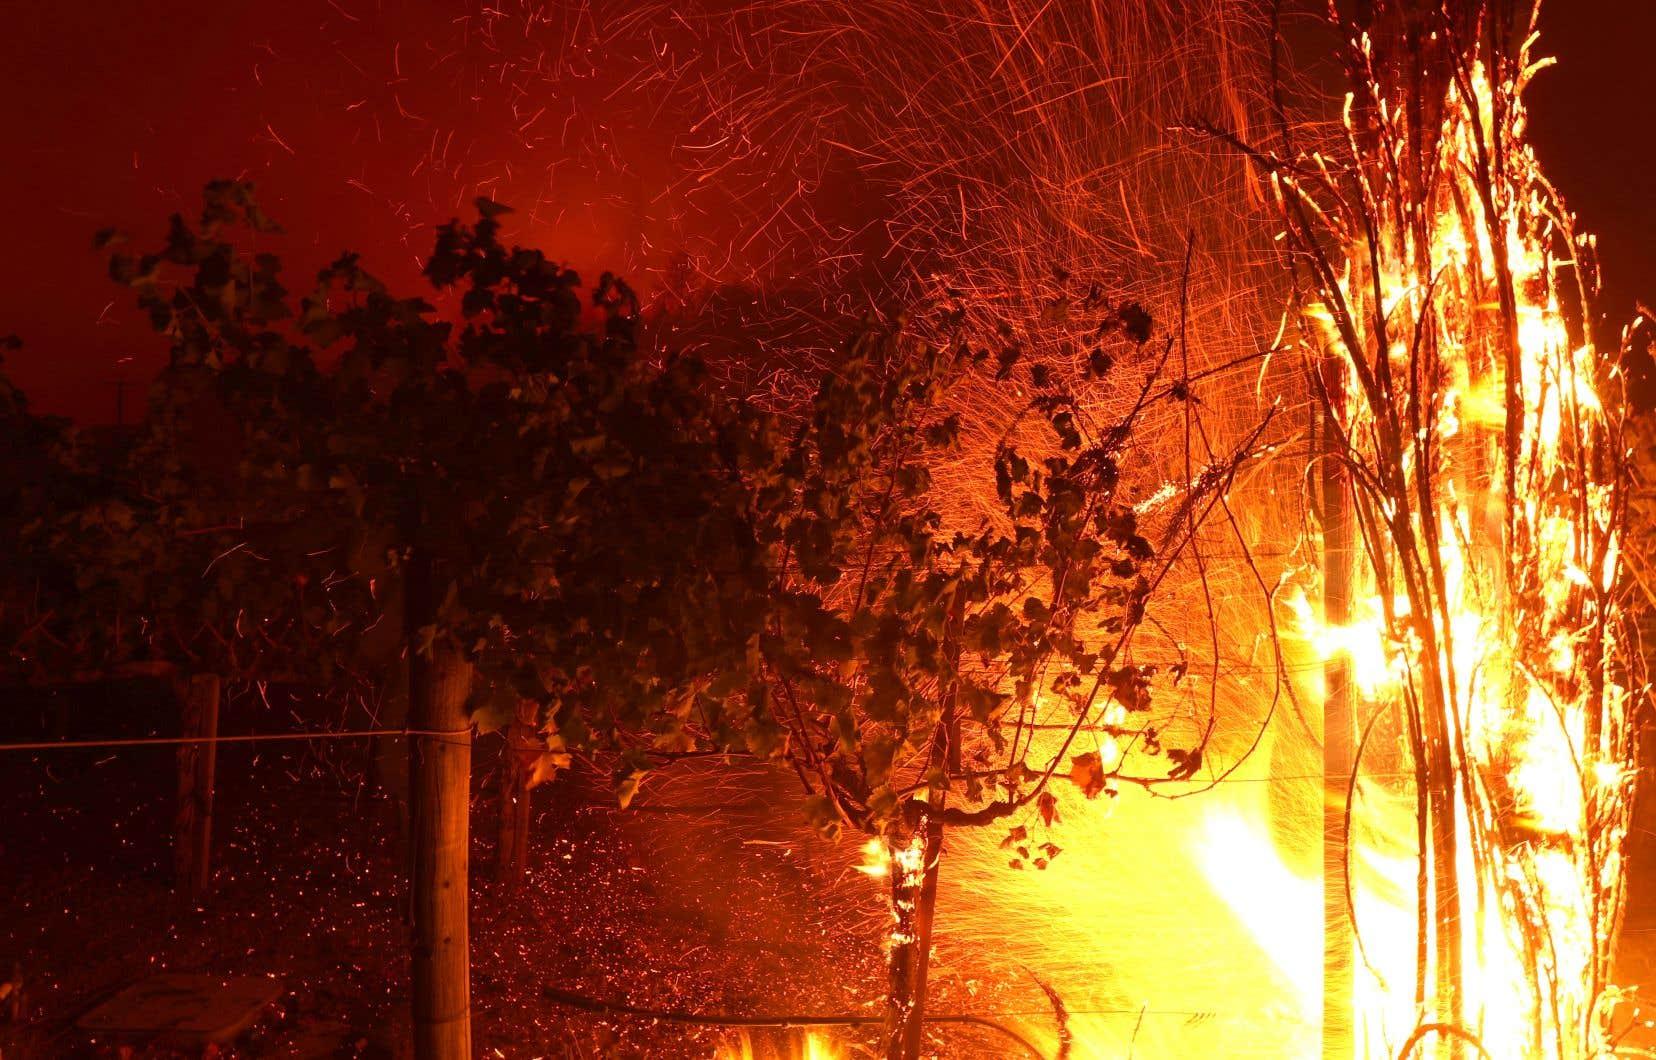 Le brasier nommé <em>Glass</em>, qui s'est déclenché dimanche, a dévoré selon les pompiers près de 4500 hectares dans le comté de Napa.